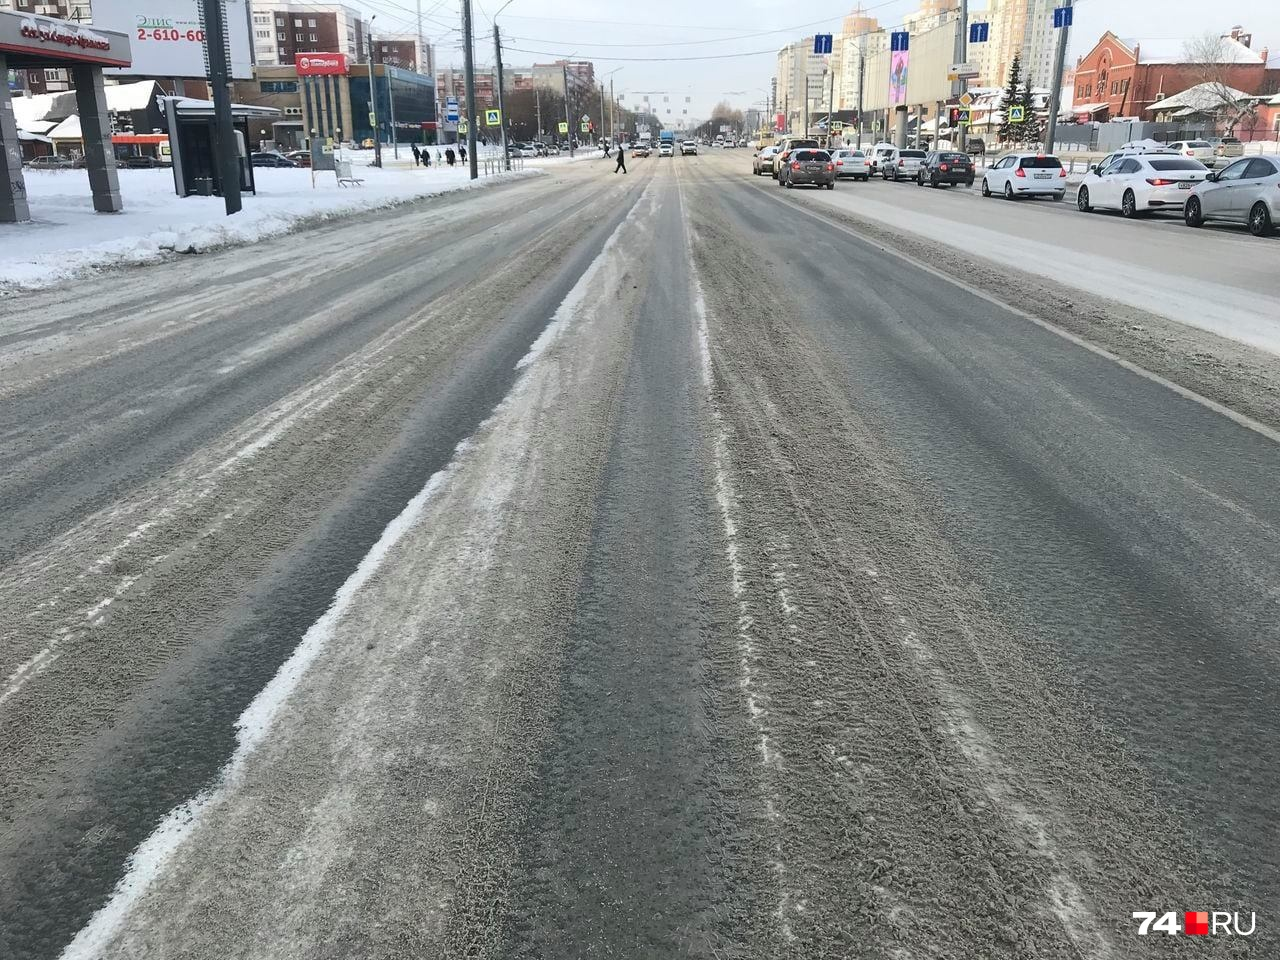 Улица Братьев Кашириных в эти выходные. Не так уж чисто, и колеи устрашающие